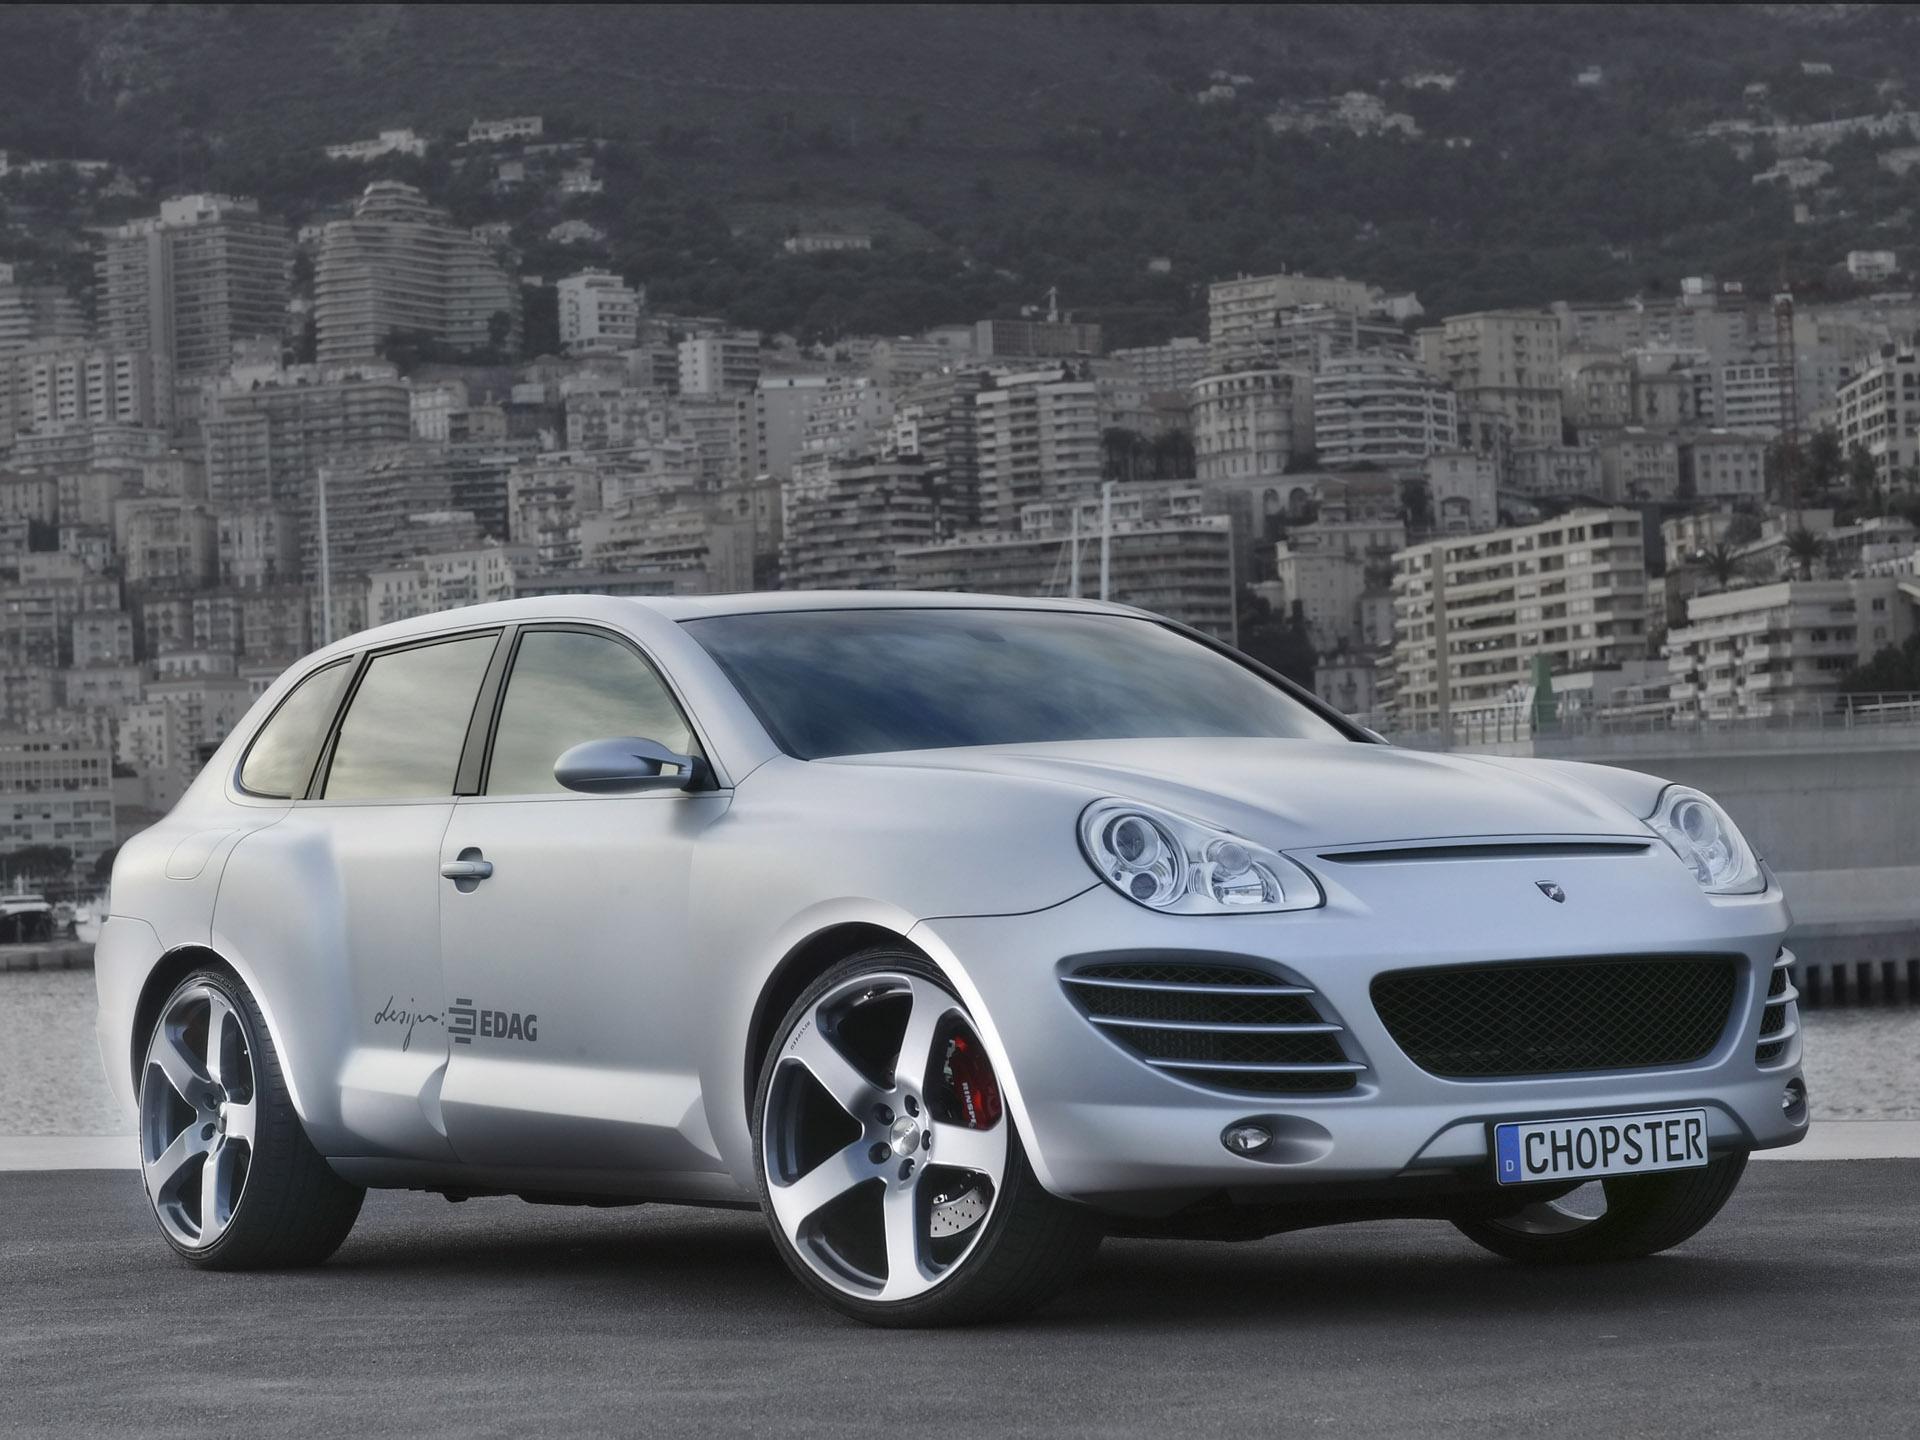 Rinspeed EDAG Porsche Cayenne Chopster photo #1